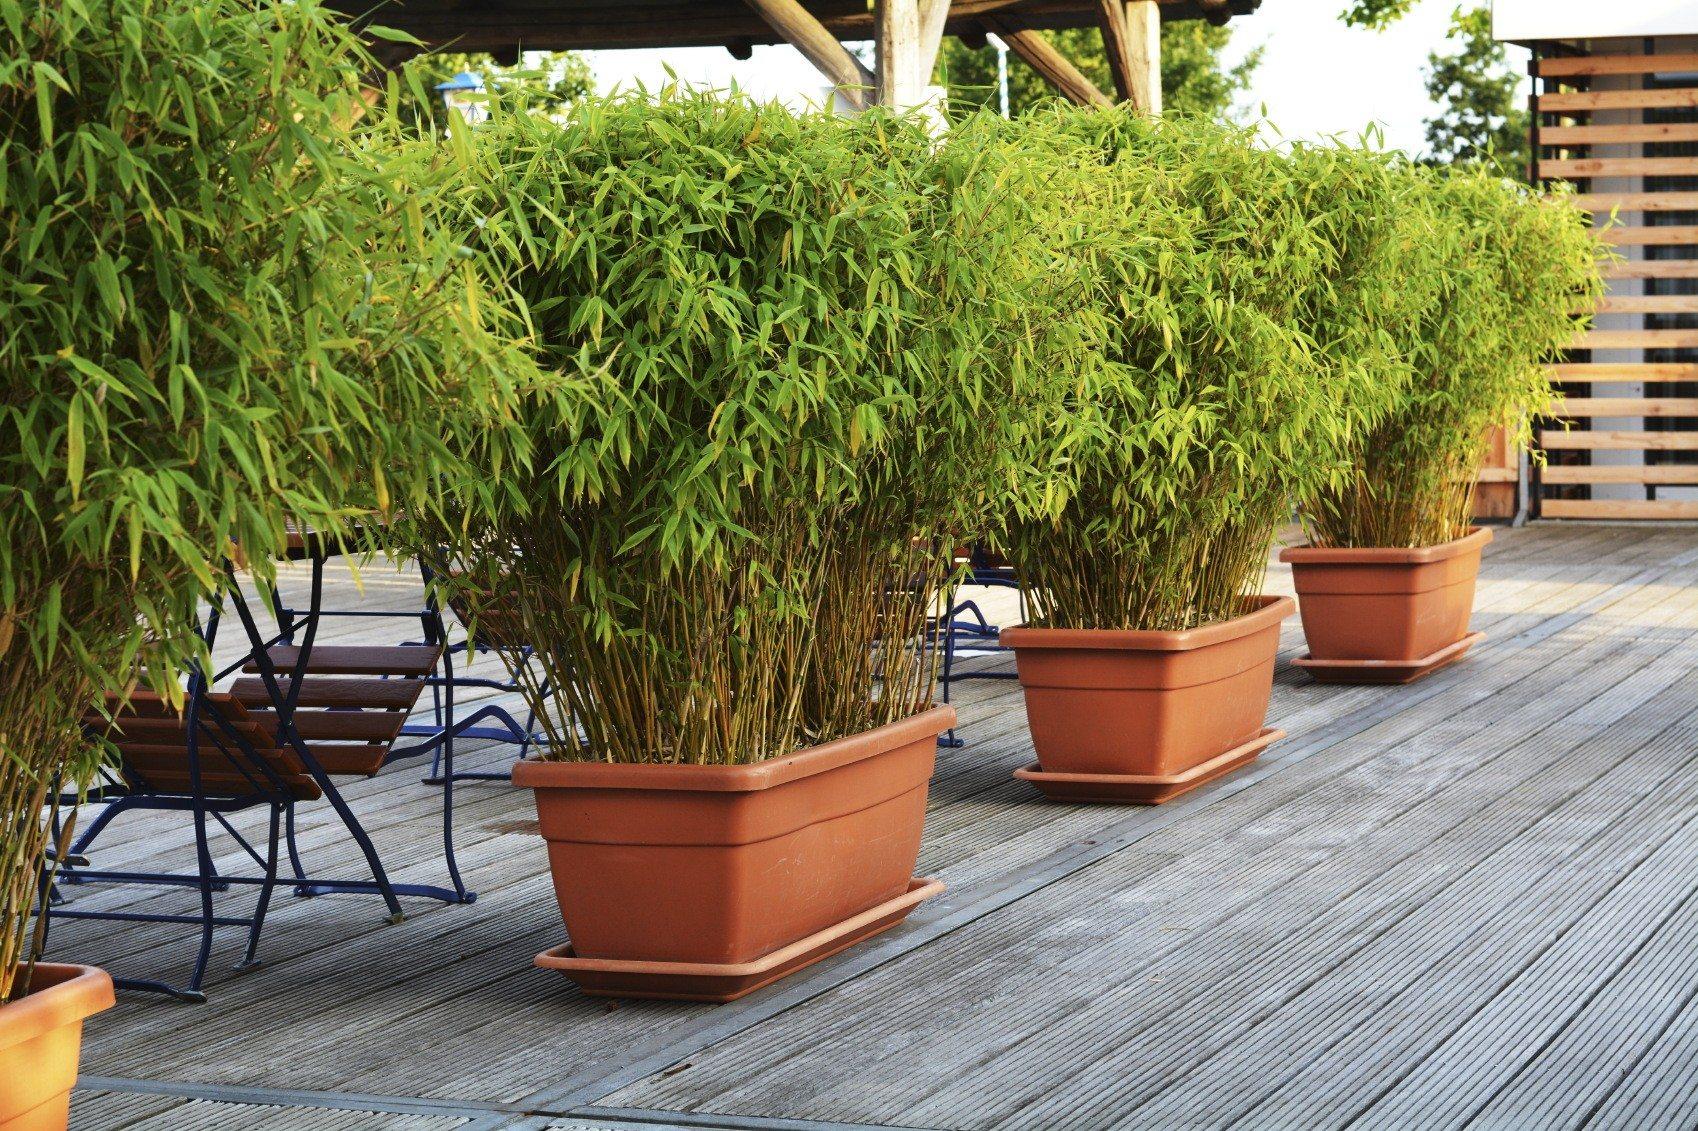 Bambus Im Kubel Wann Und Wie Macht Das Eigentlich Sinn